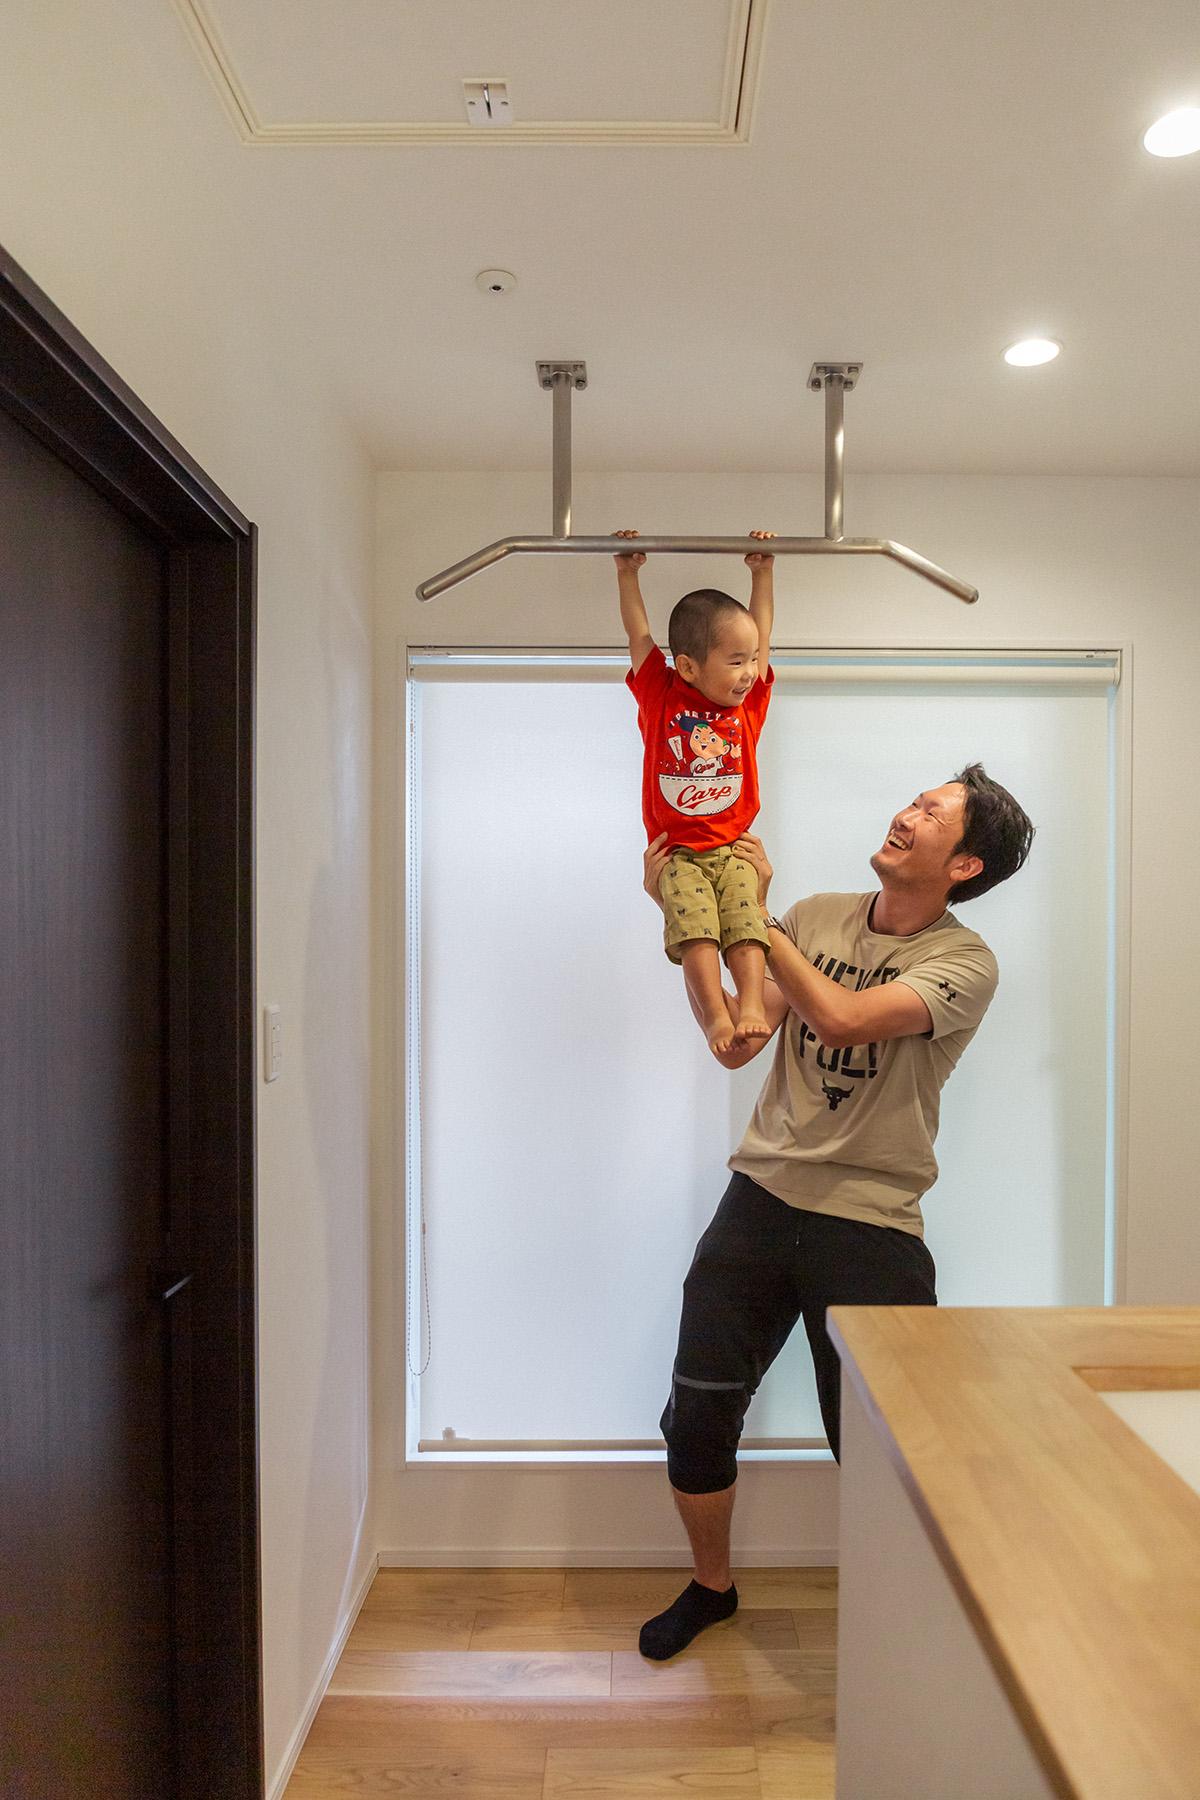 ご主人様の体力づくりのために創られた雲梯(うんてい)。お子さまとのコミュニケーションの場にもなっています。